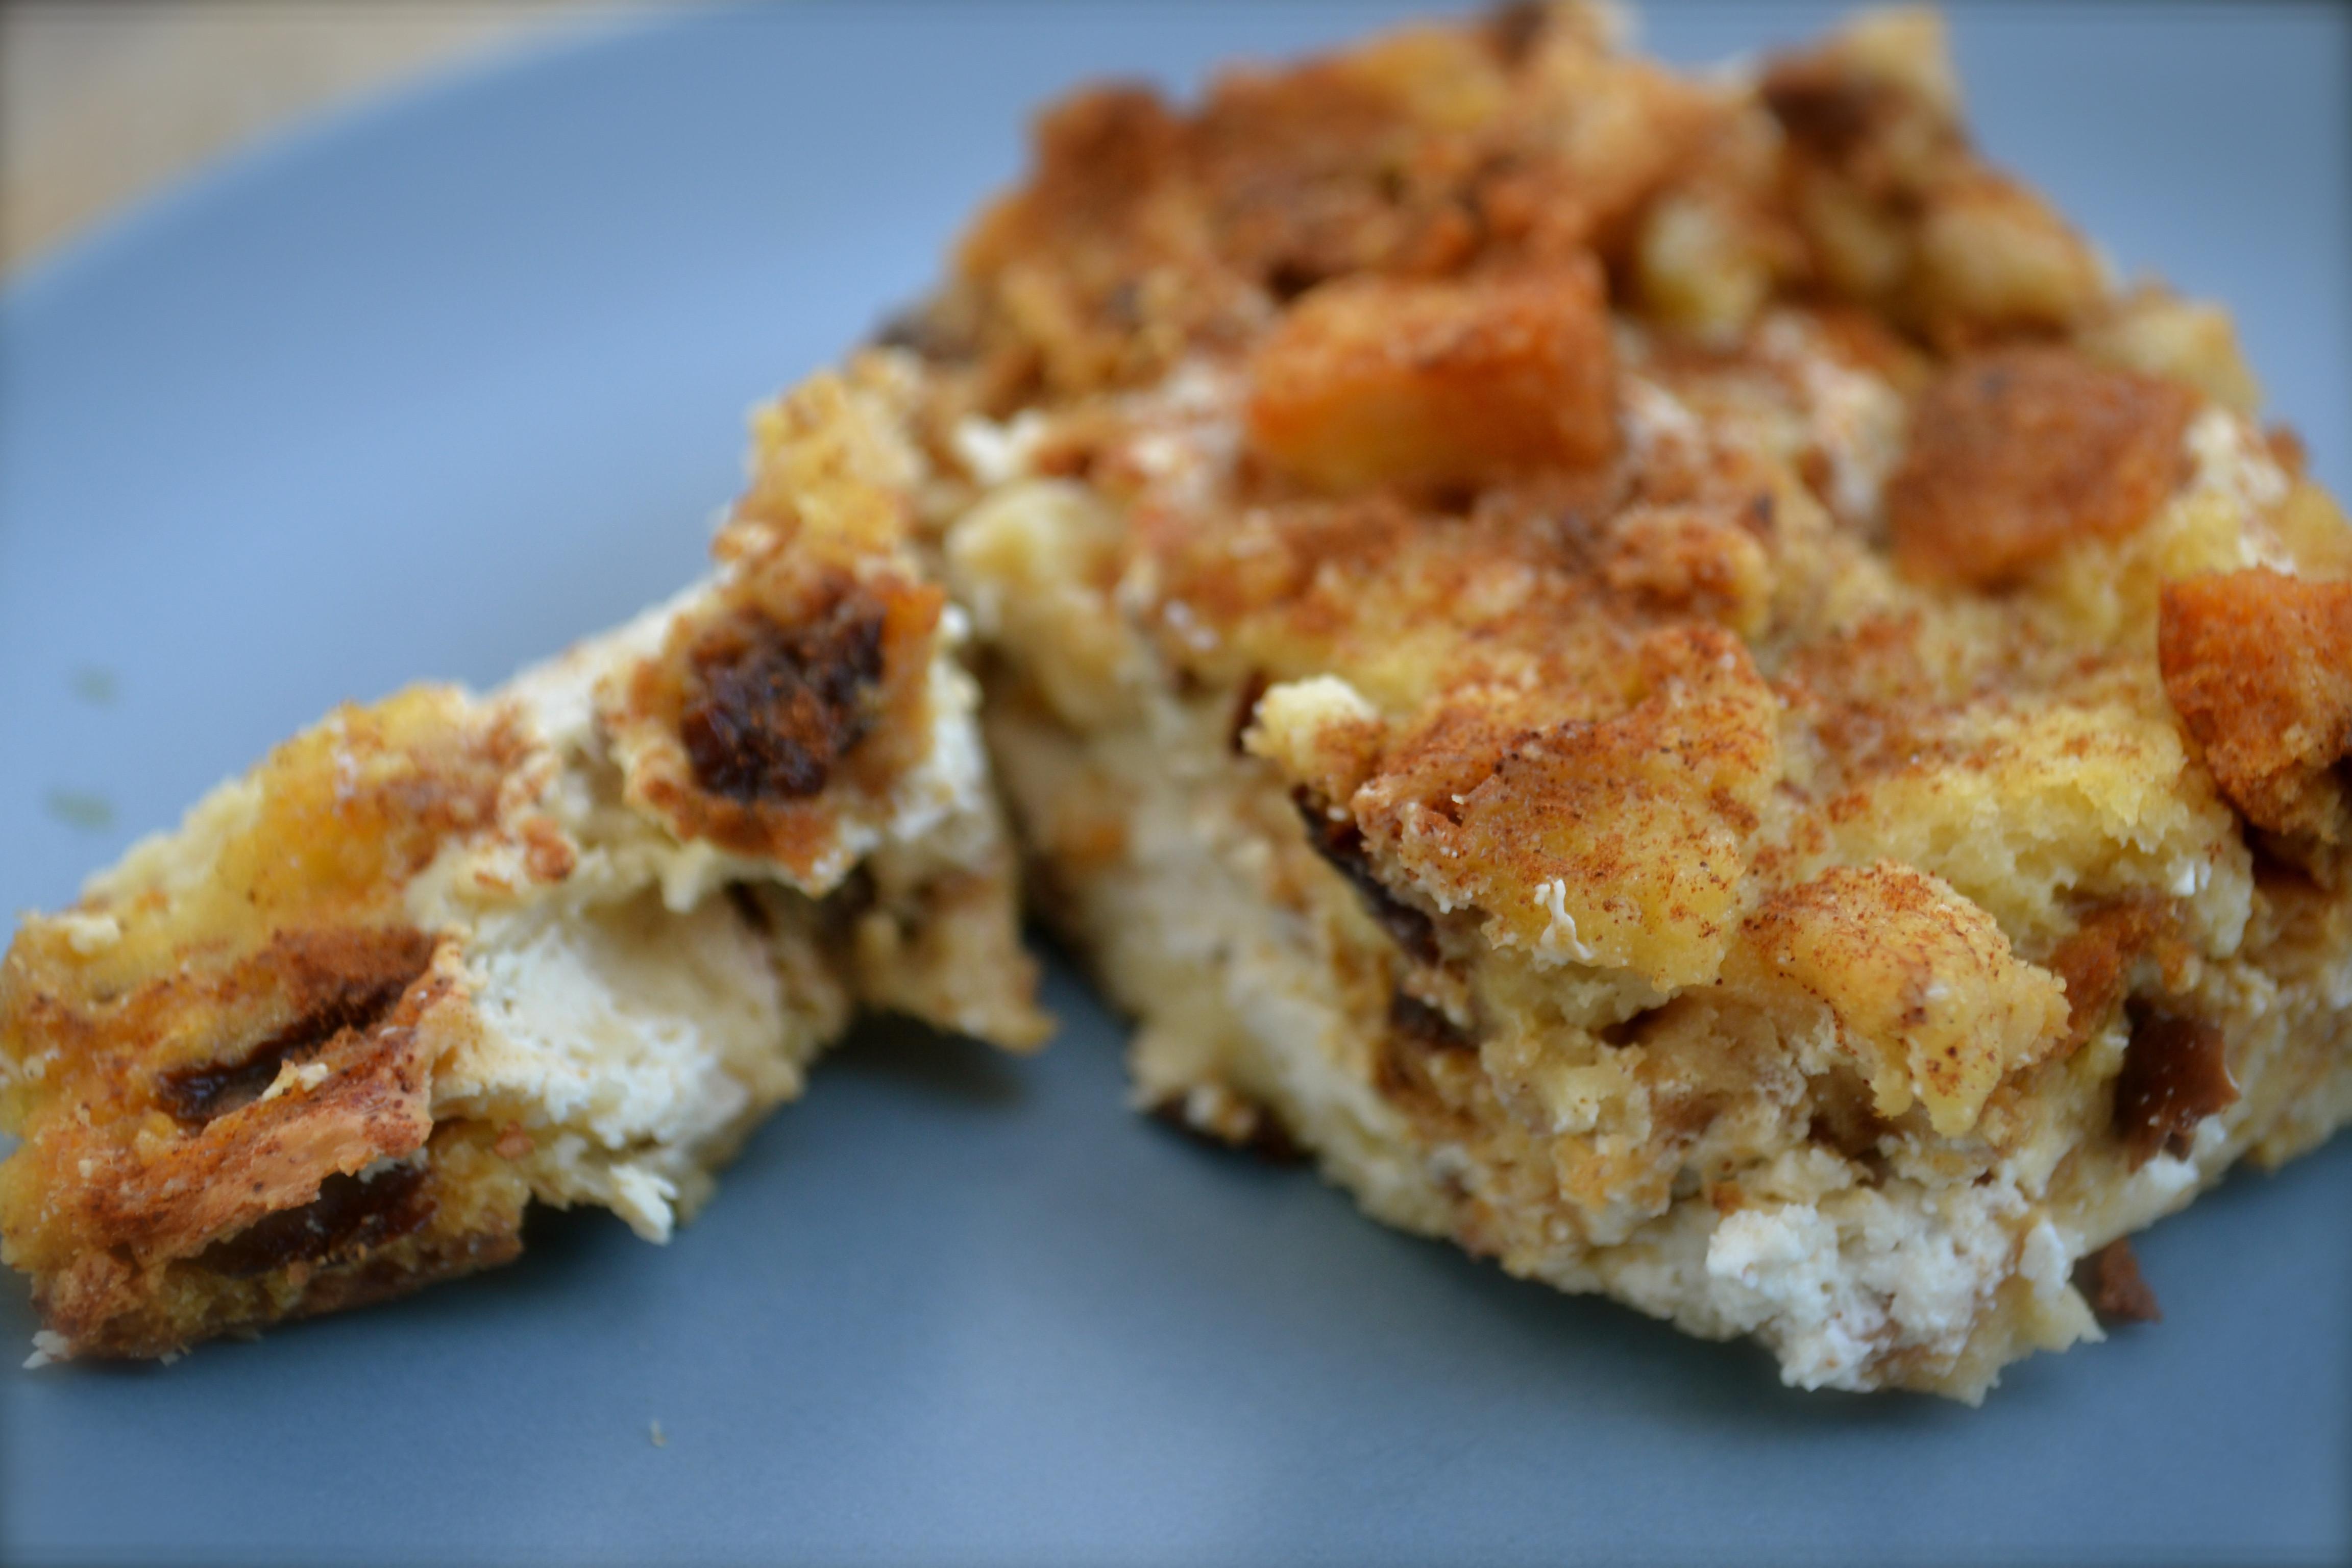 Stuffed French Toast Casserole  Stuffed Cinnamon Raisin French Toast Casserole – BIG EATS